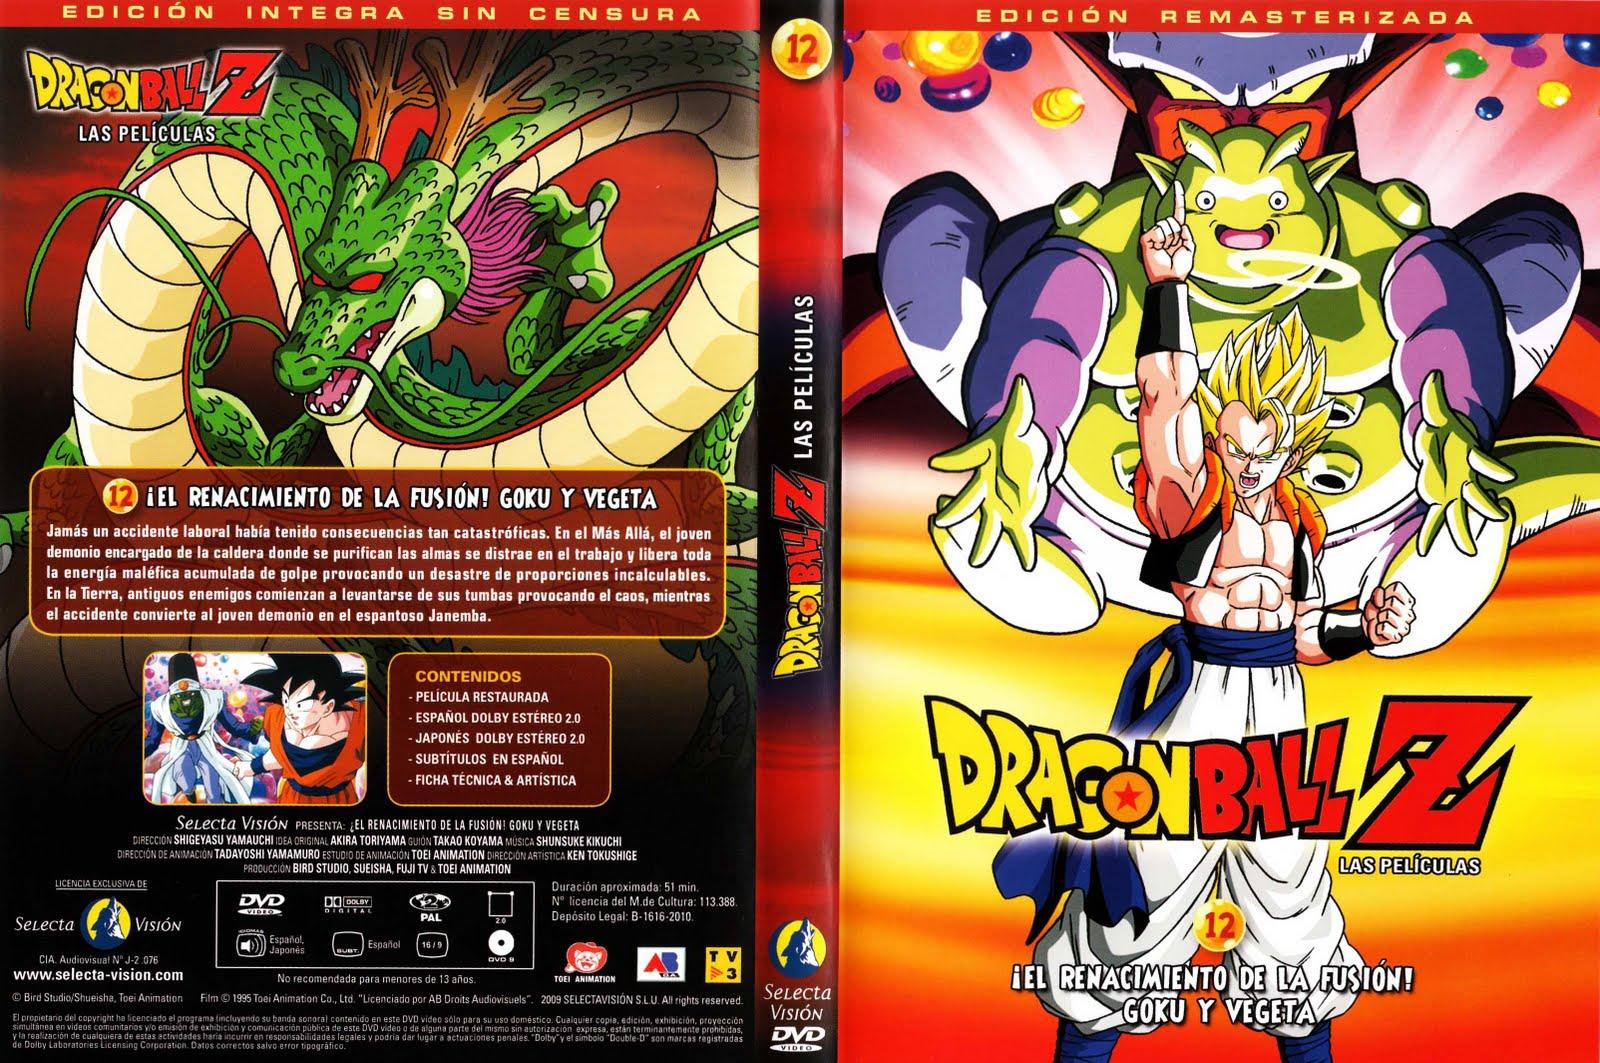 descargar dragon ball super saga completa